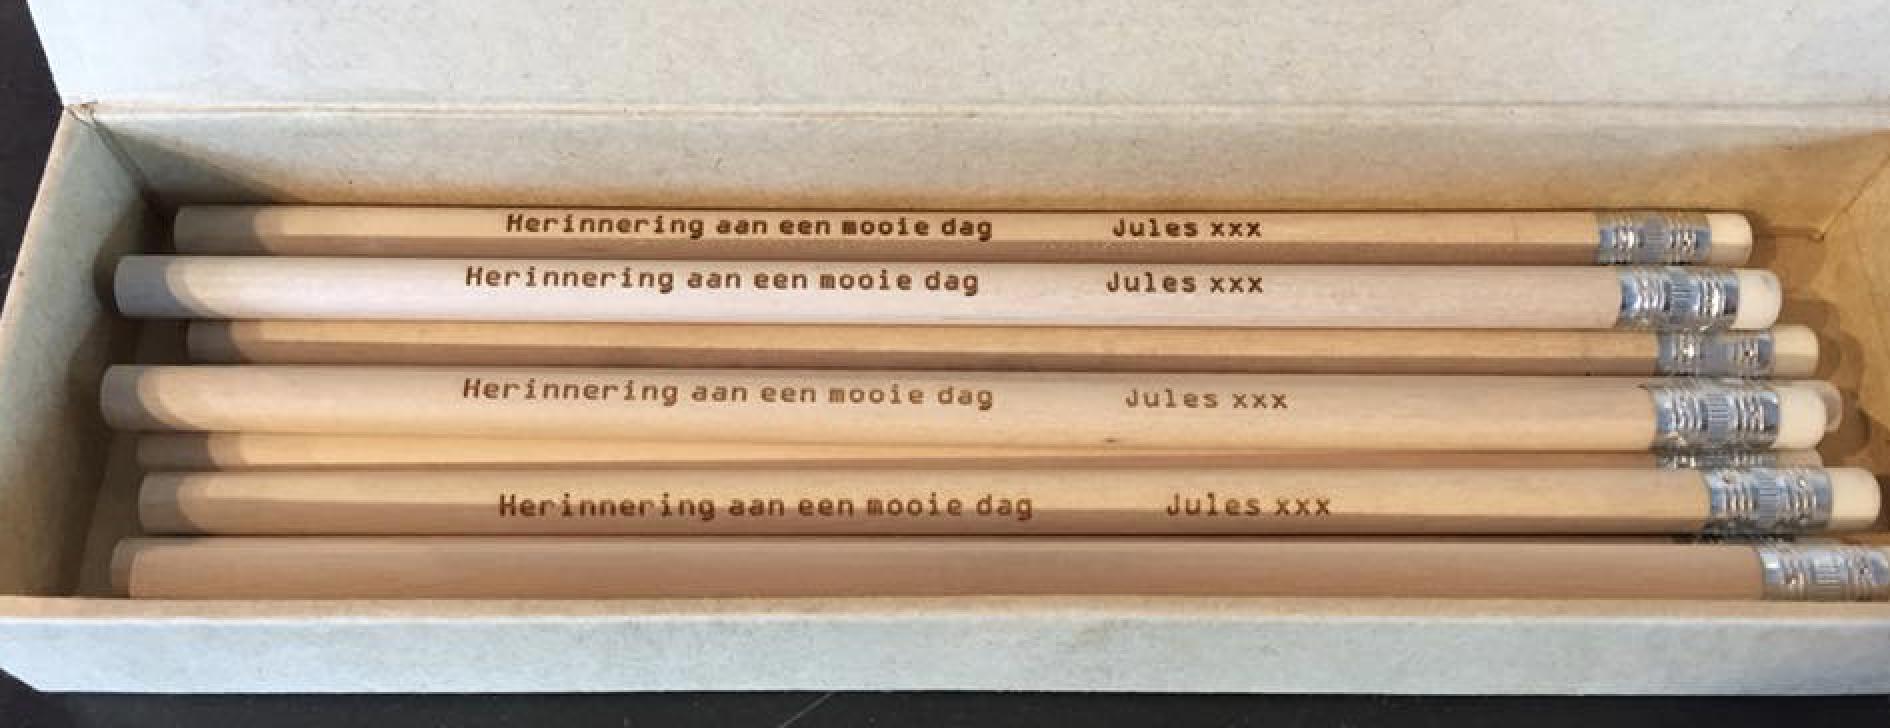 Houten potloden voor Jules